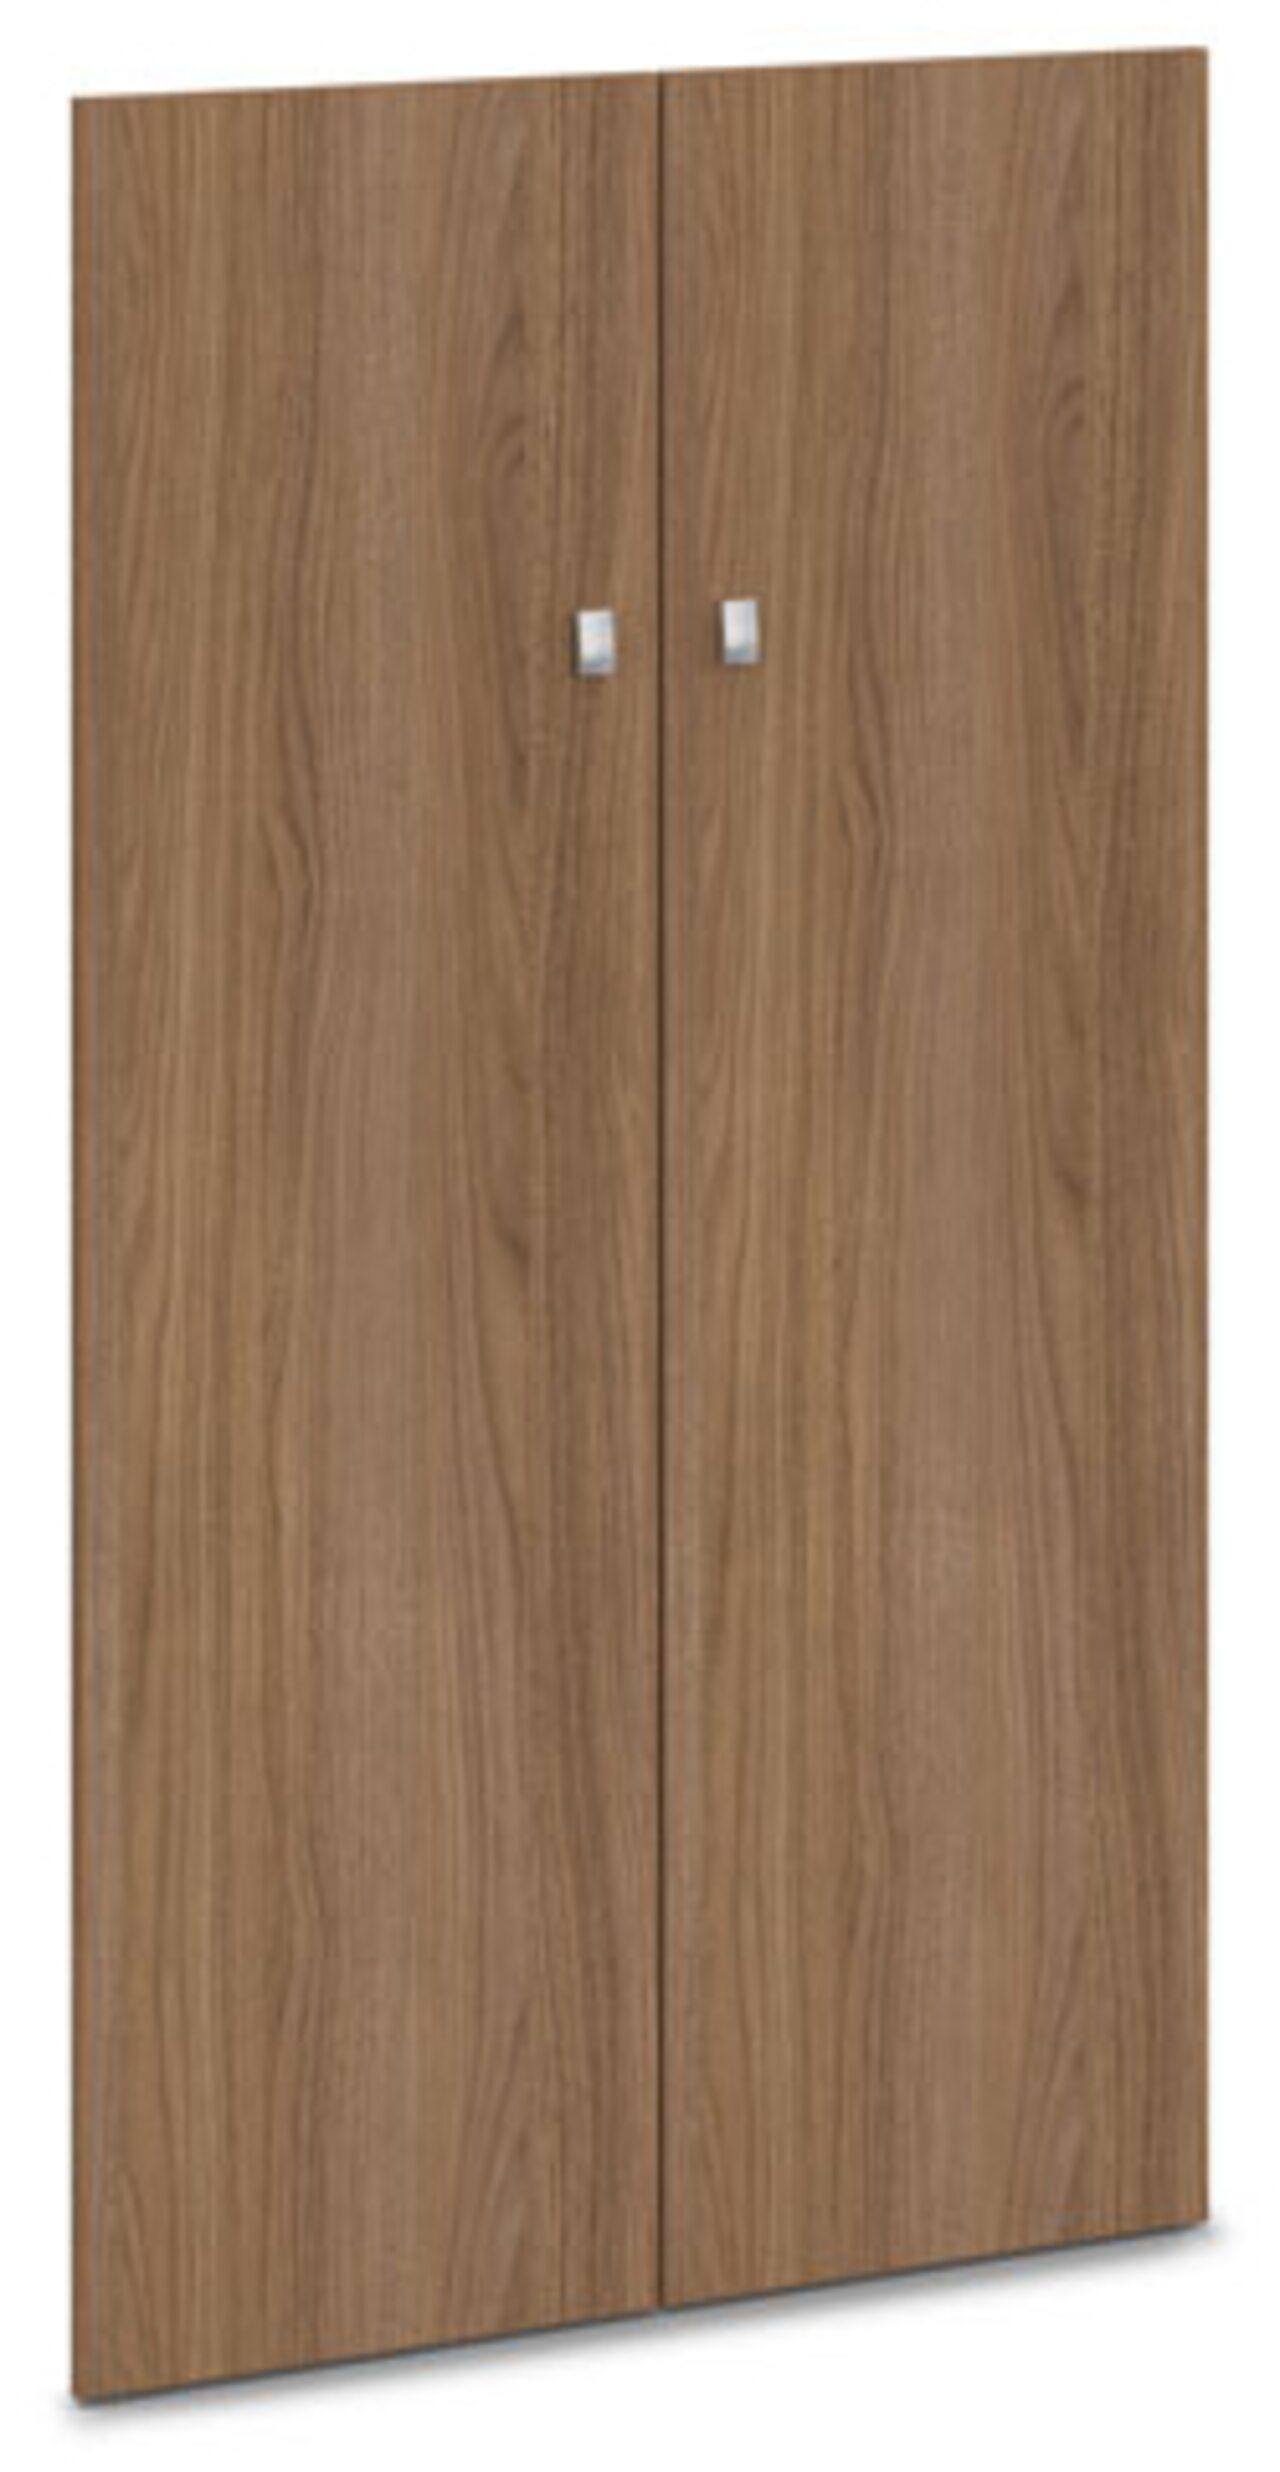 Двери ЛДСП  Vasanta 81x2x141 - фото 4